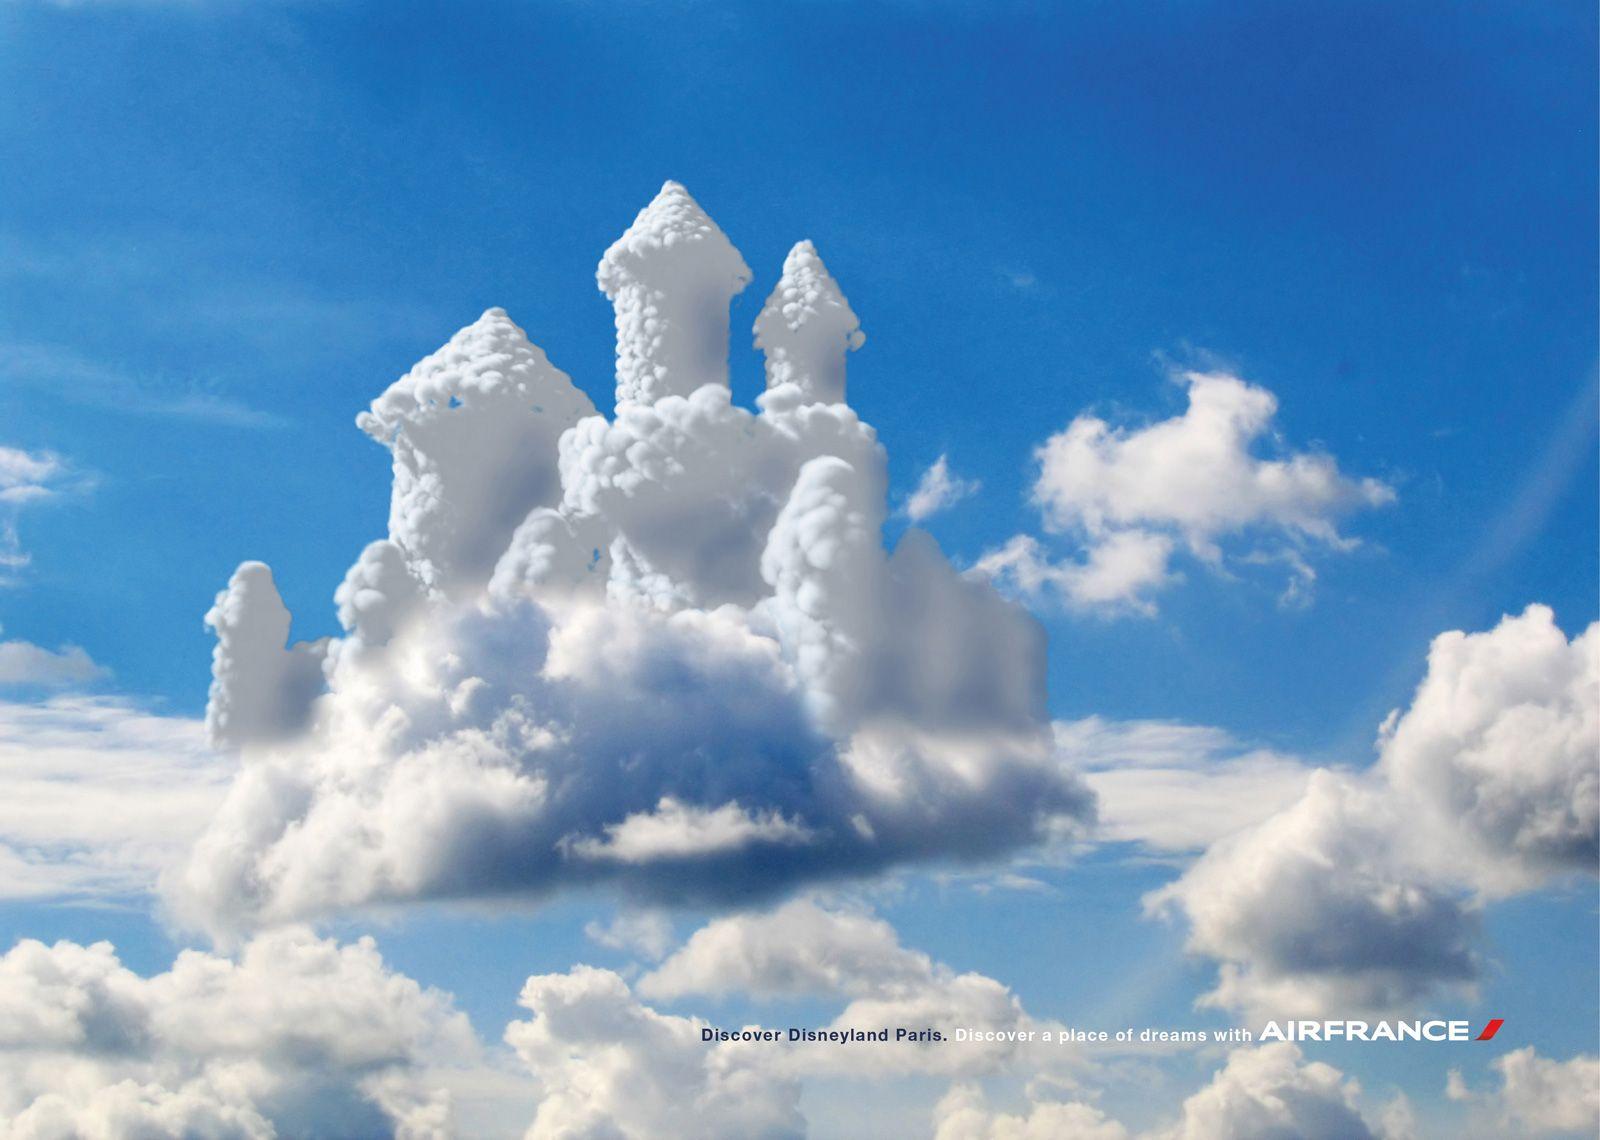 Un Chateau Dans Les Nuages air france - nuages chateau   nuvem, castelo no céu, diário